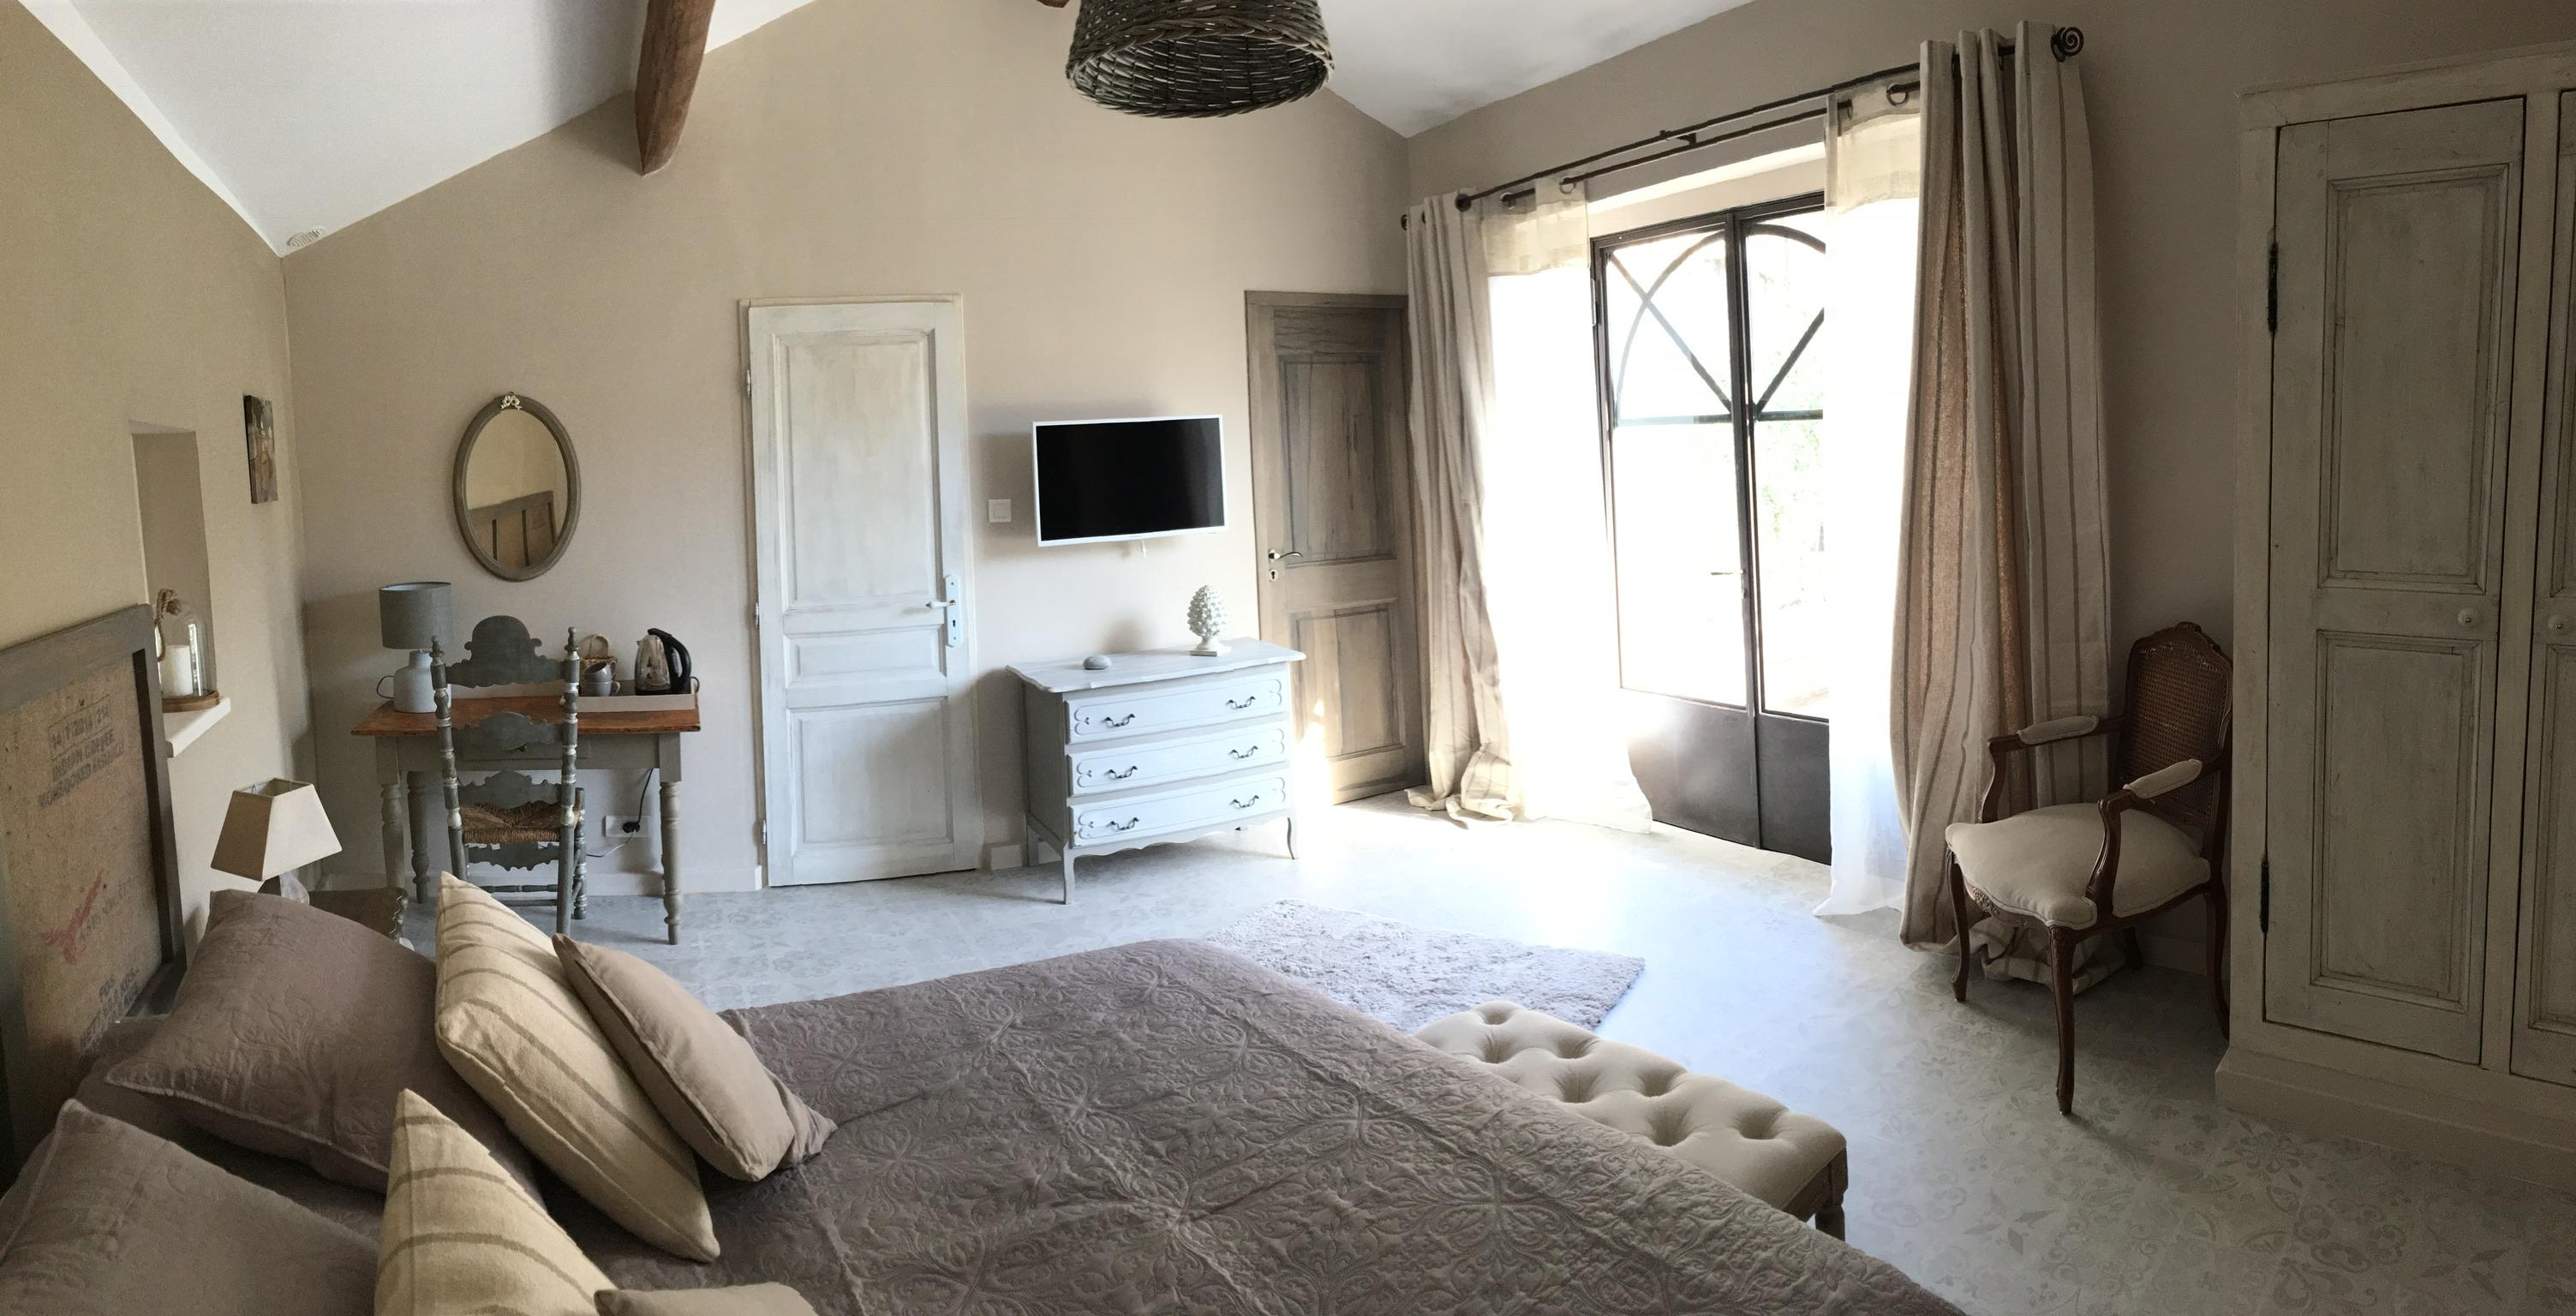 Chambre Toile de Jute 3 - La Bastide des Songes - Chambres d'hôtes Luberon - Vaucluse